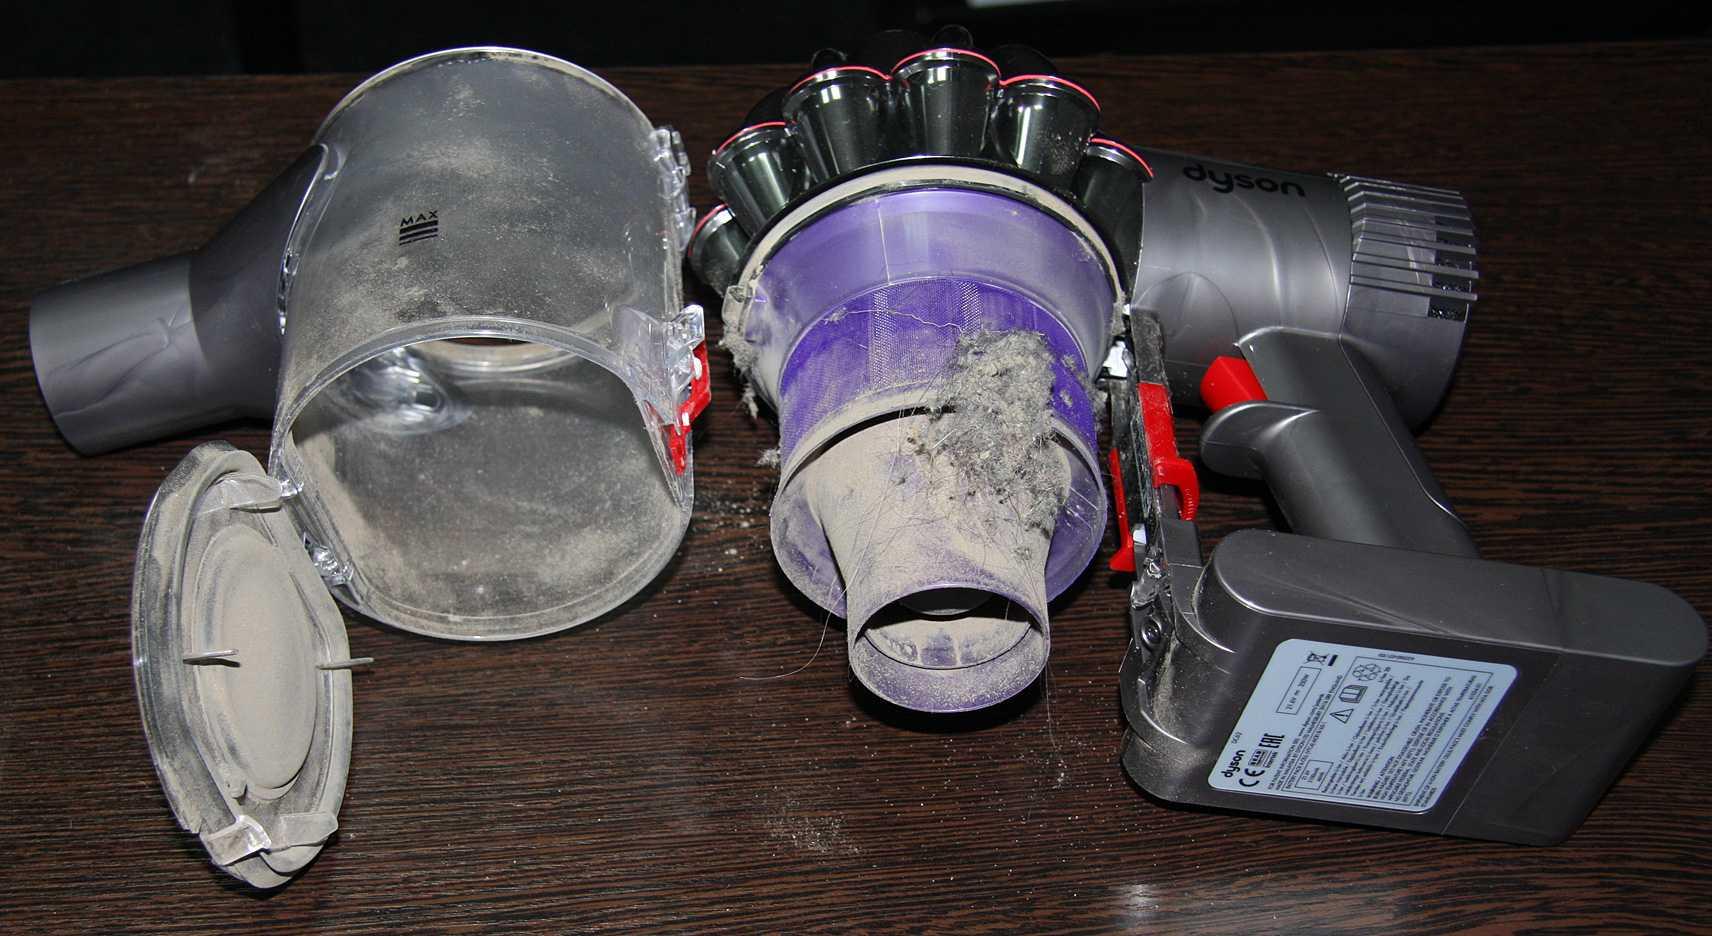 Dyson dc62 как почистить отзывы фен дайсон